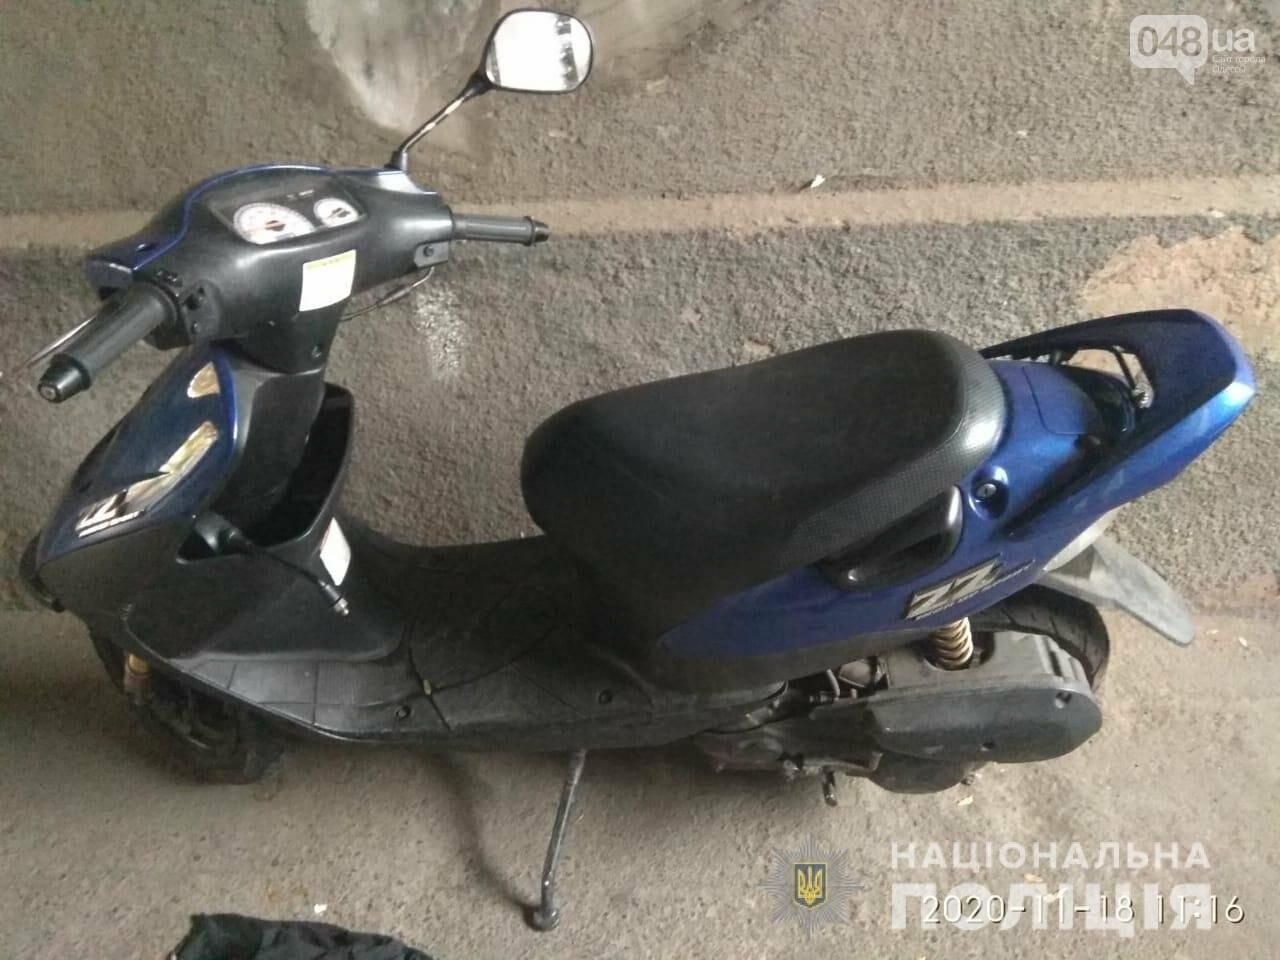 В Одессе подростки угнали транспорт у иностранного студента, фото-1